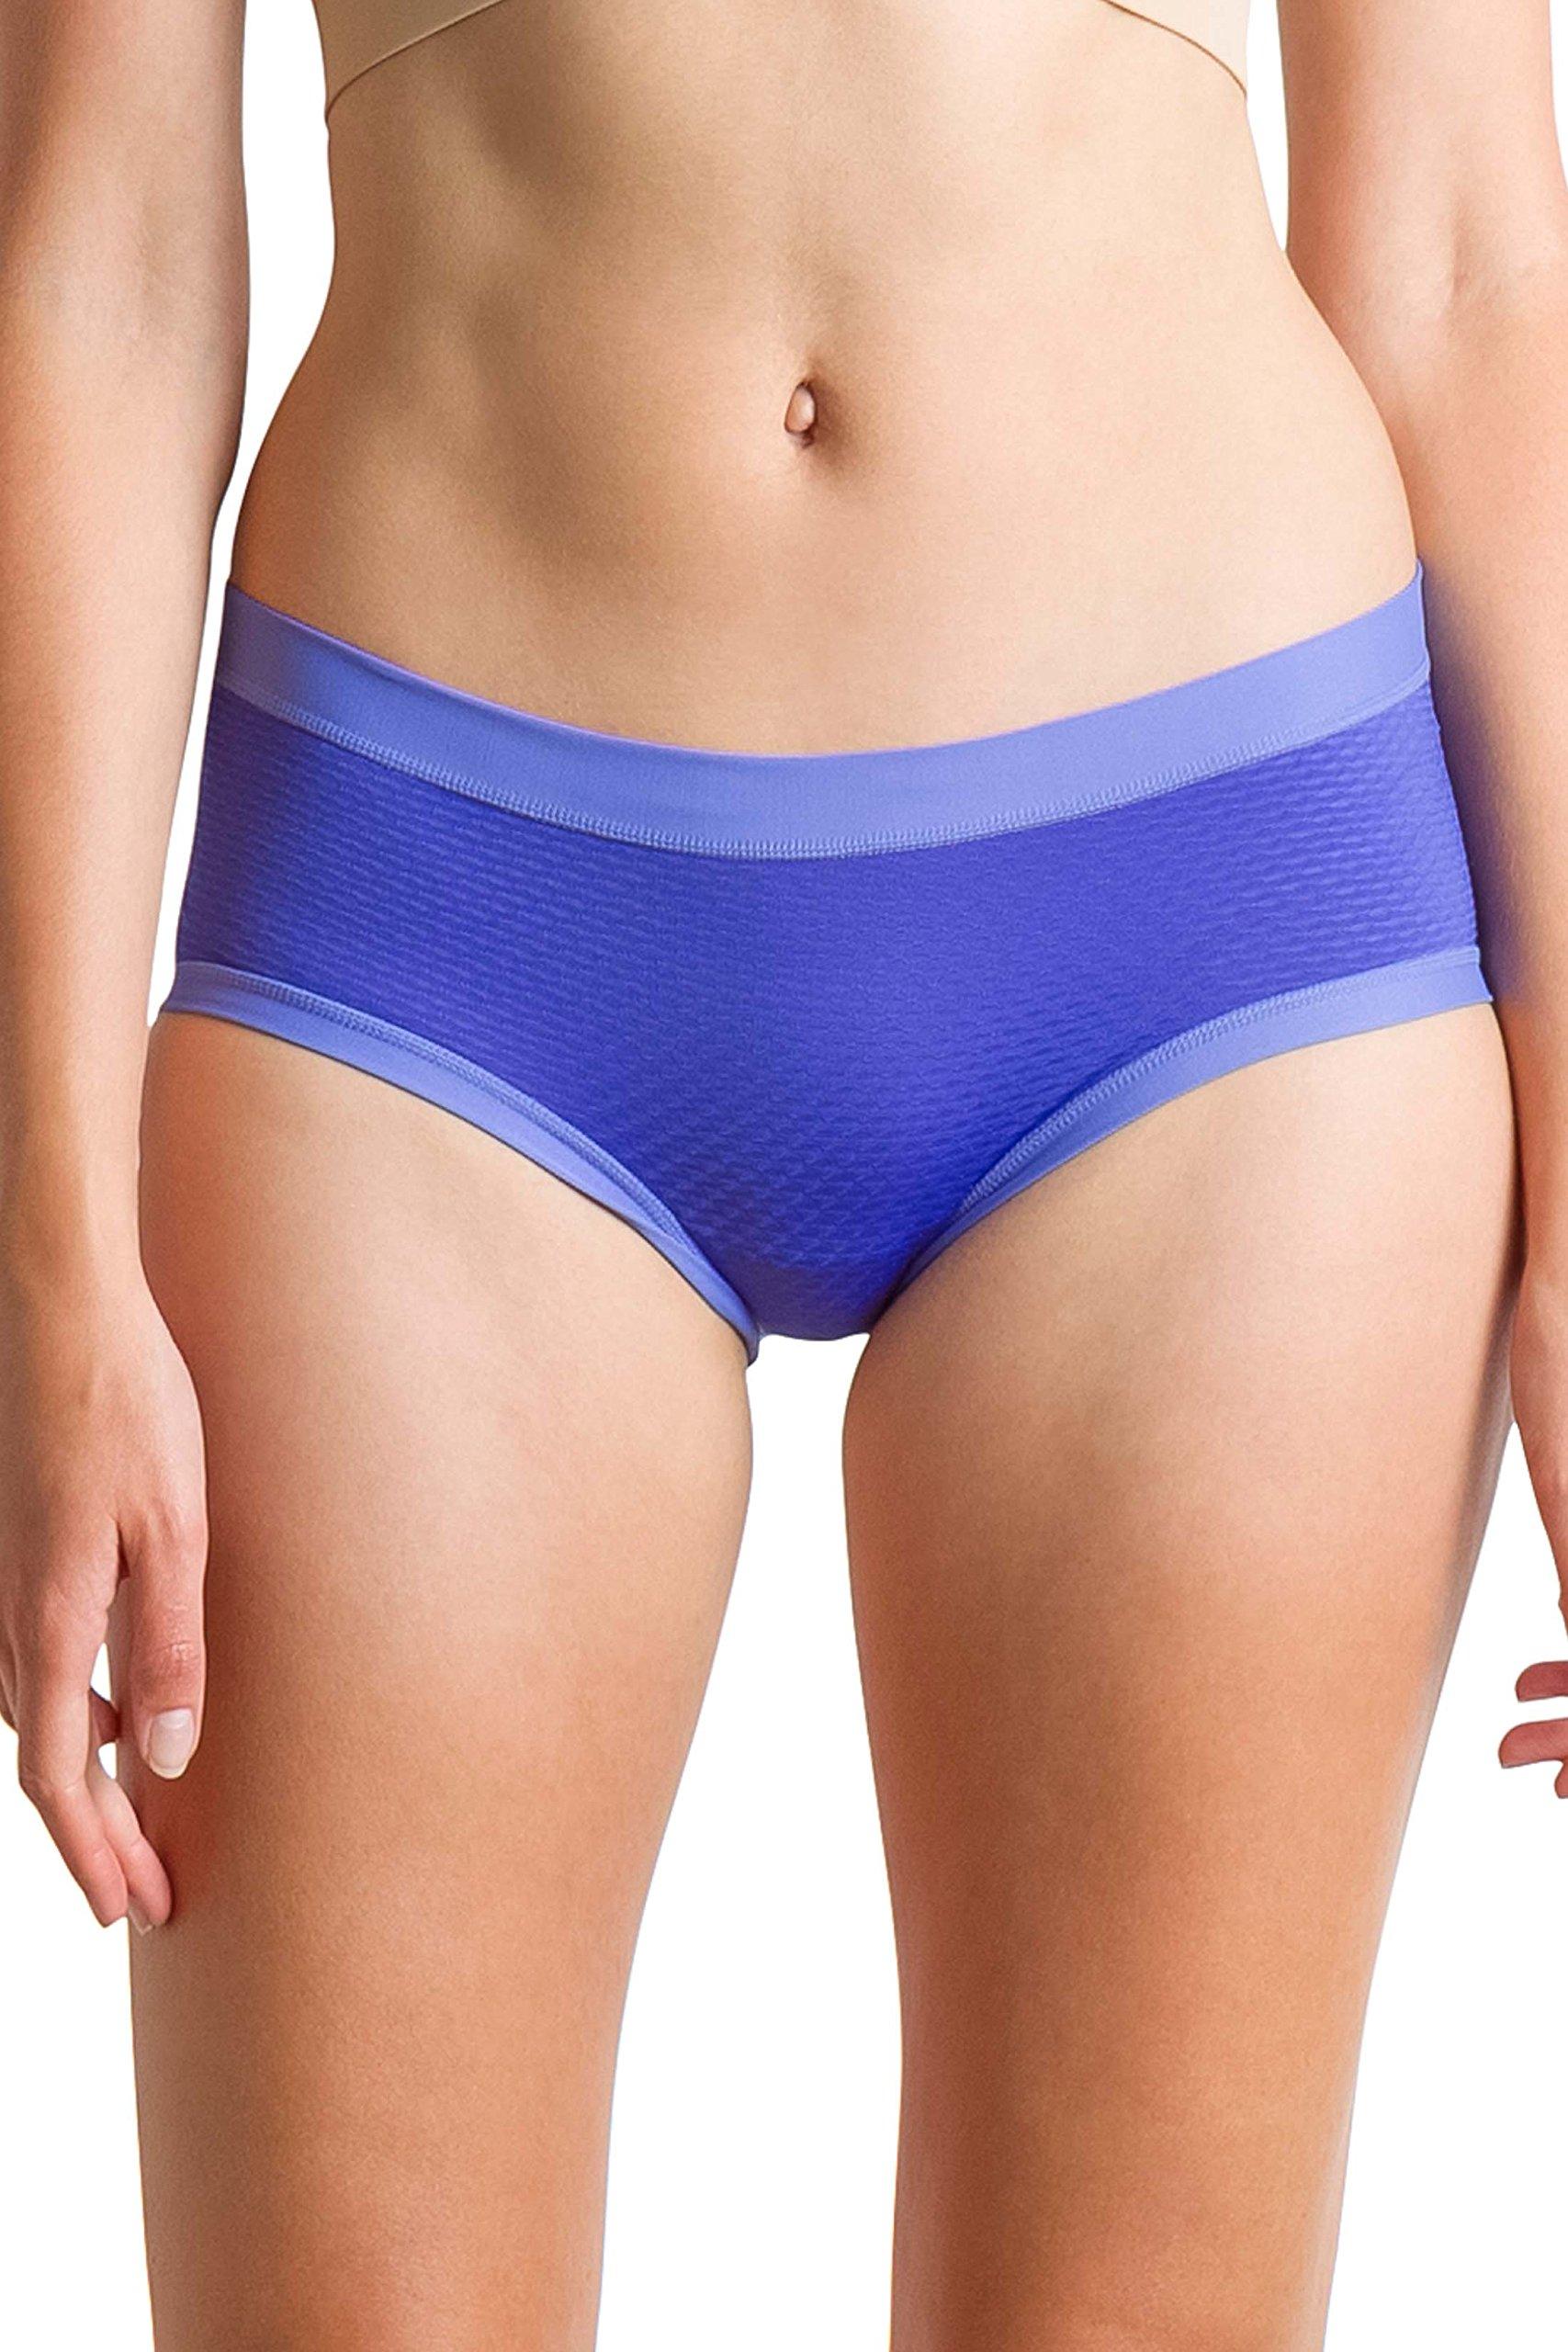 ExOfficio Women's Give-N-Go Sport Mesh Hipkini Underwear, Regal, Medium